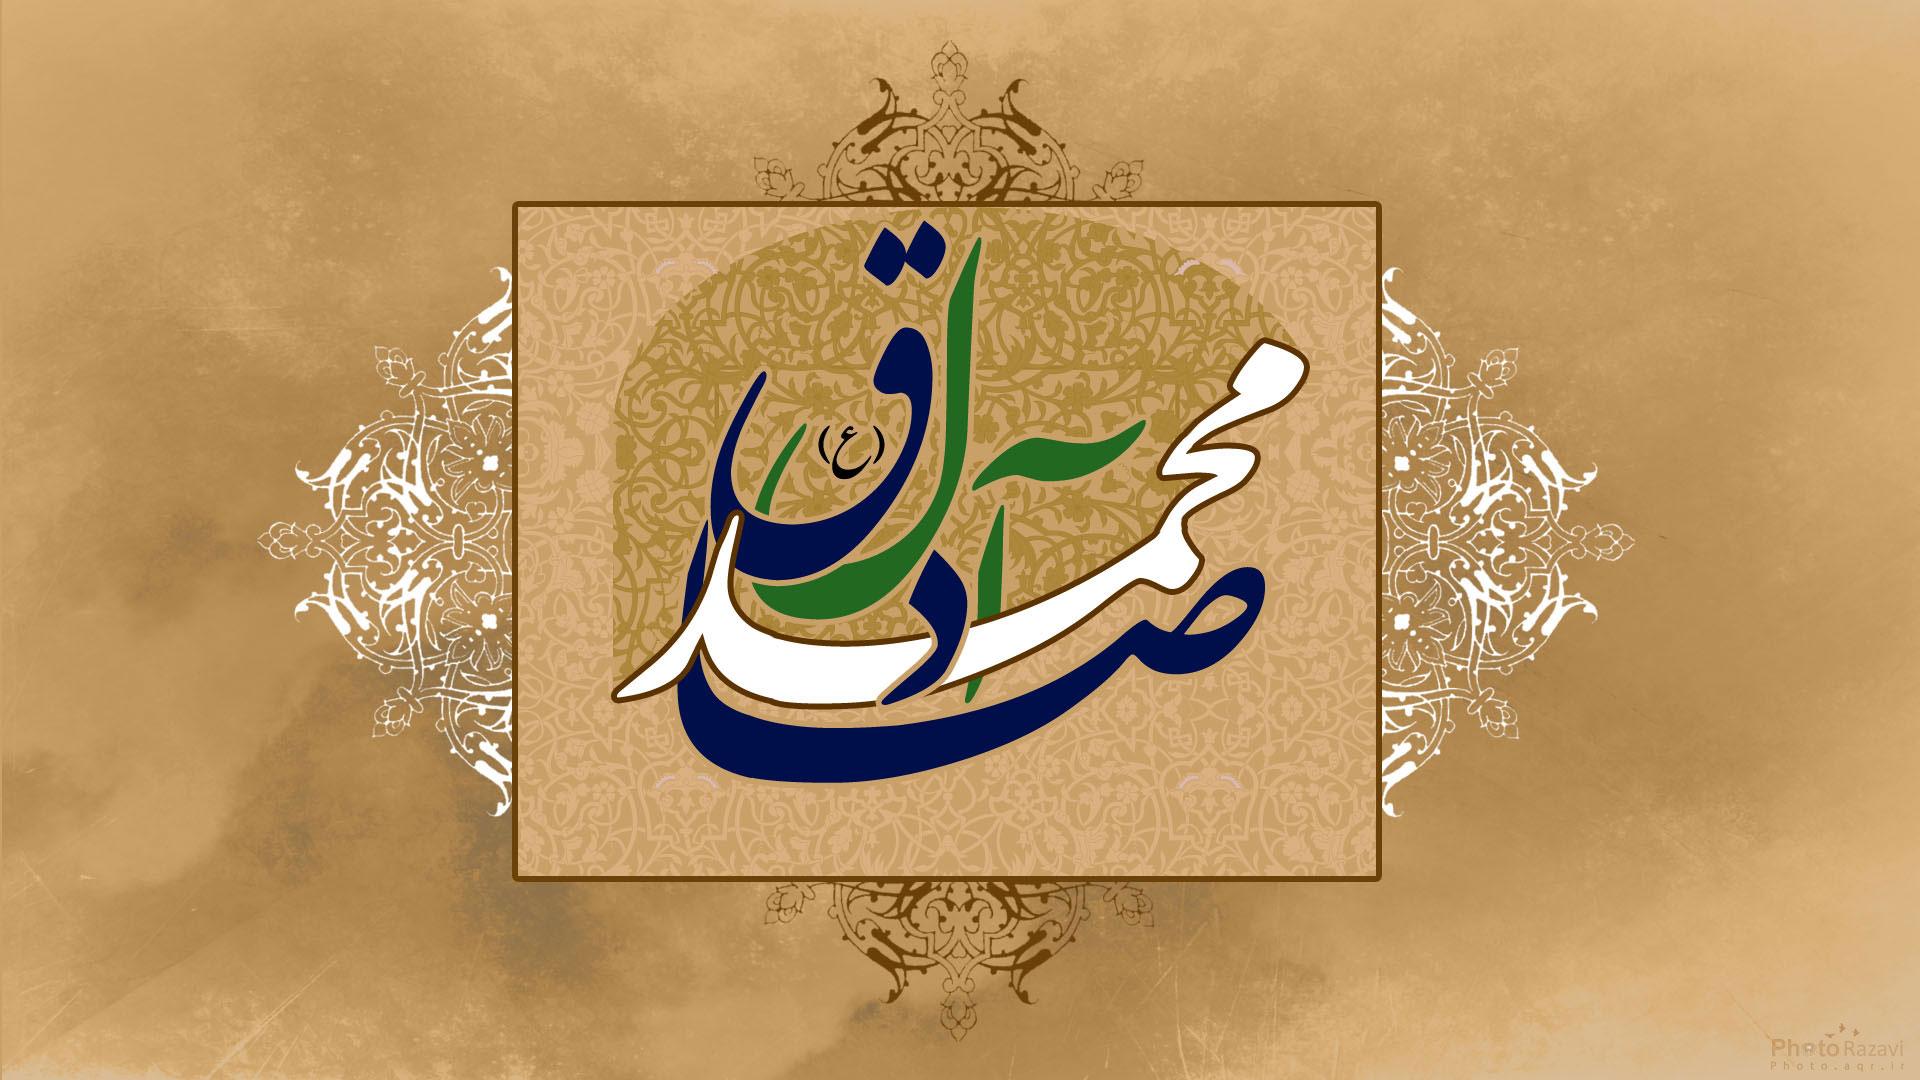 زندگی نامه امام محمد صادق(ع) از ولادت تا شهادت